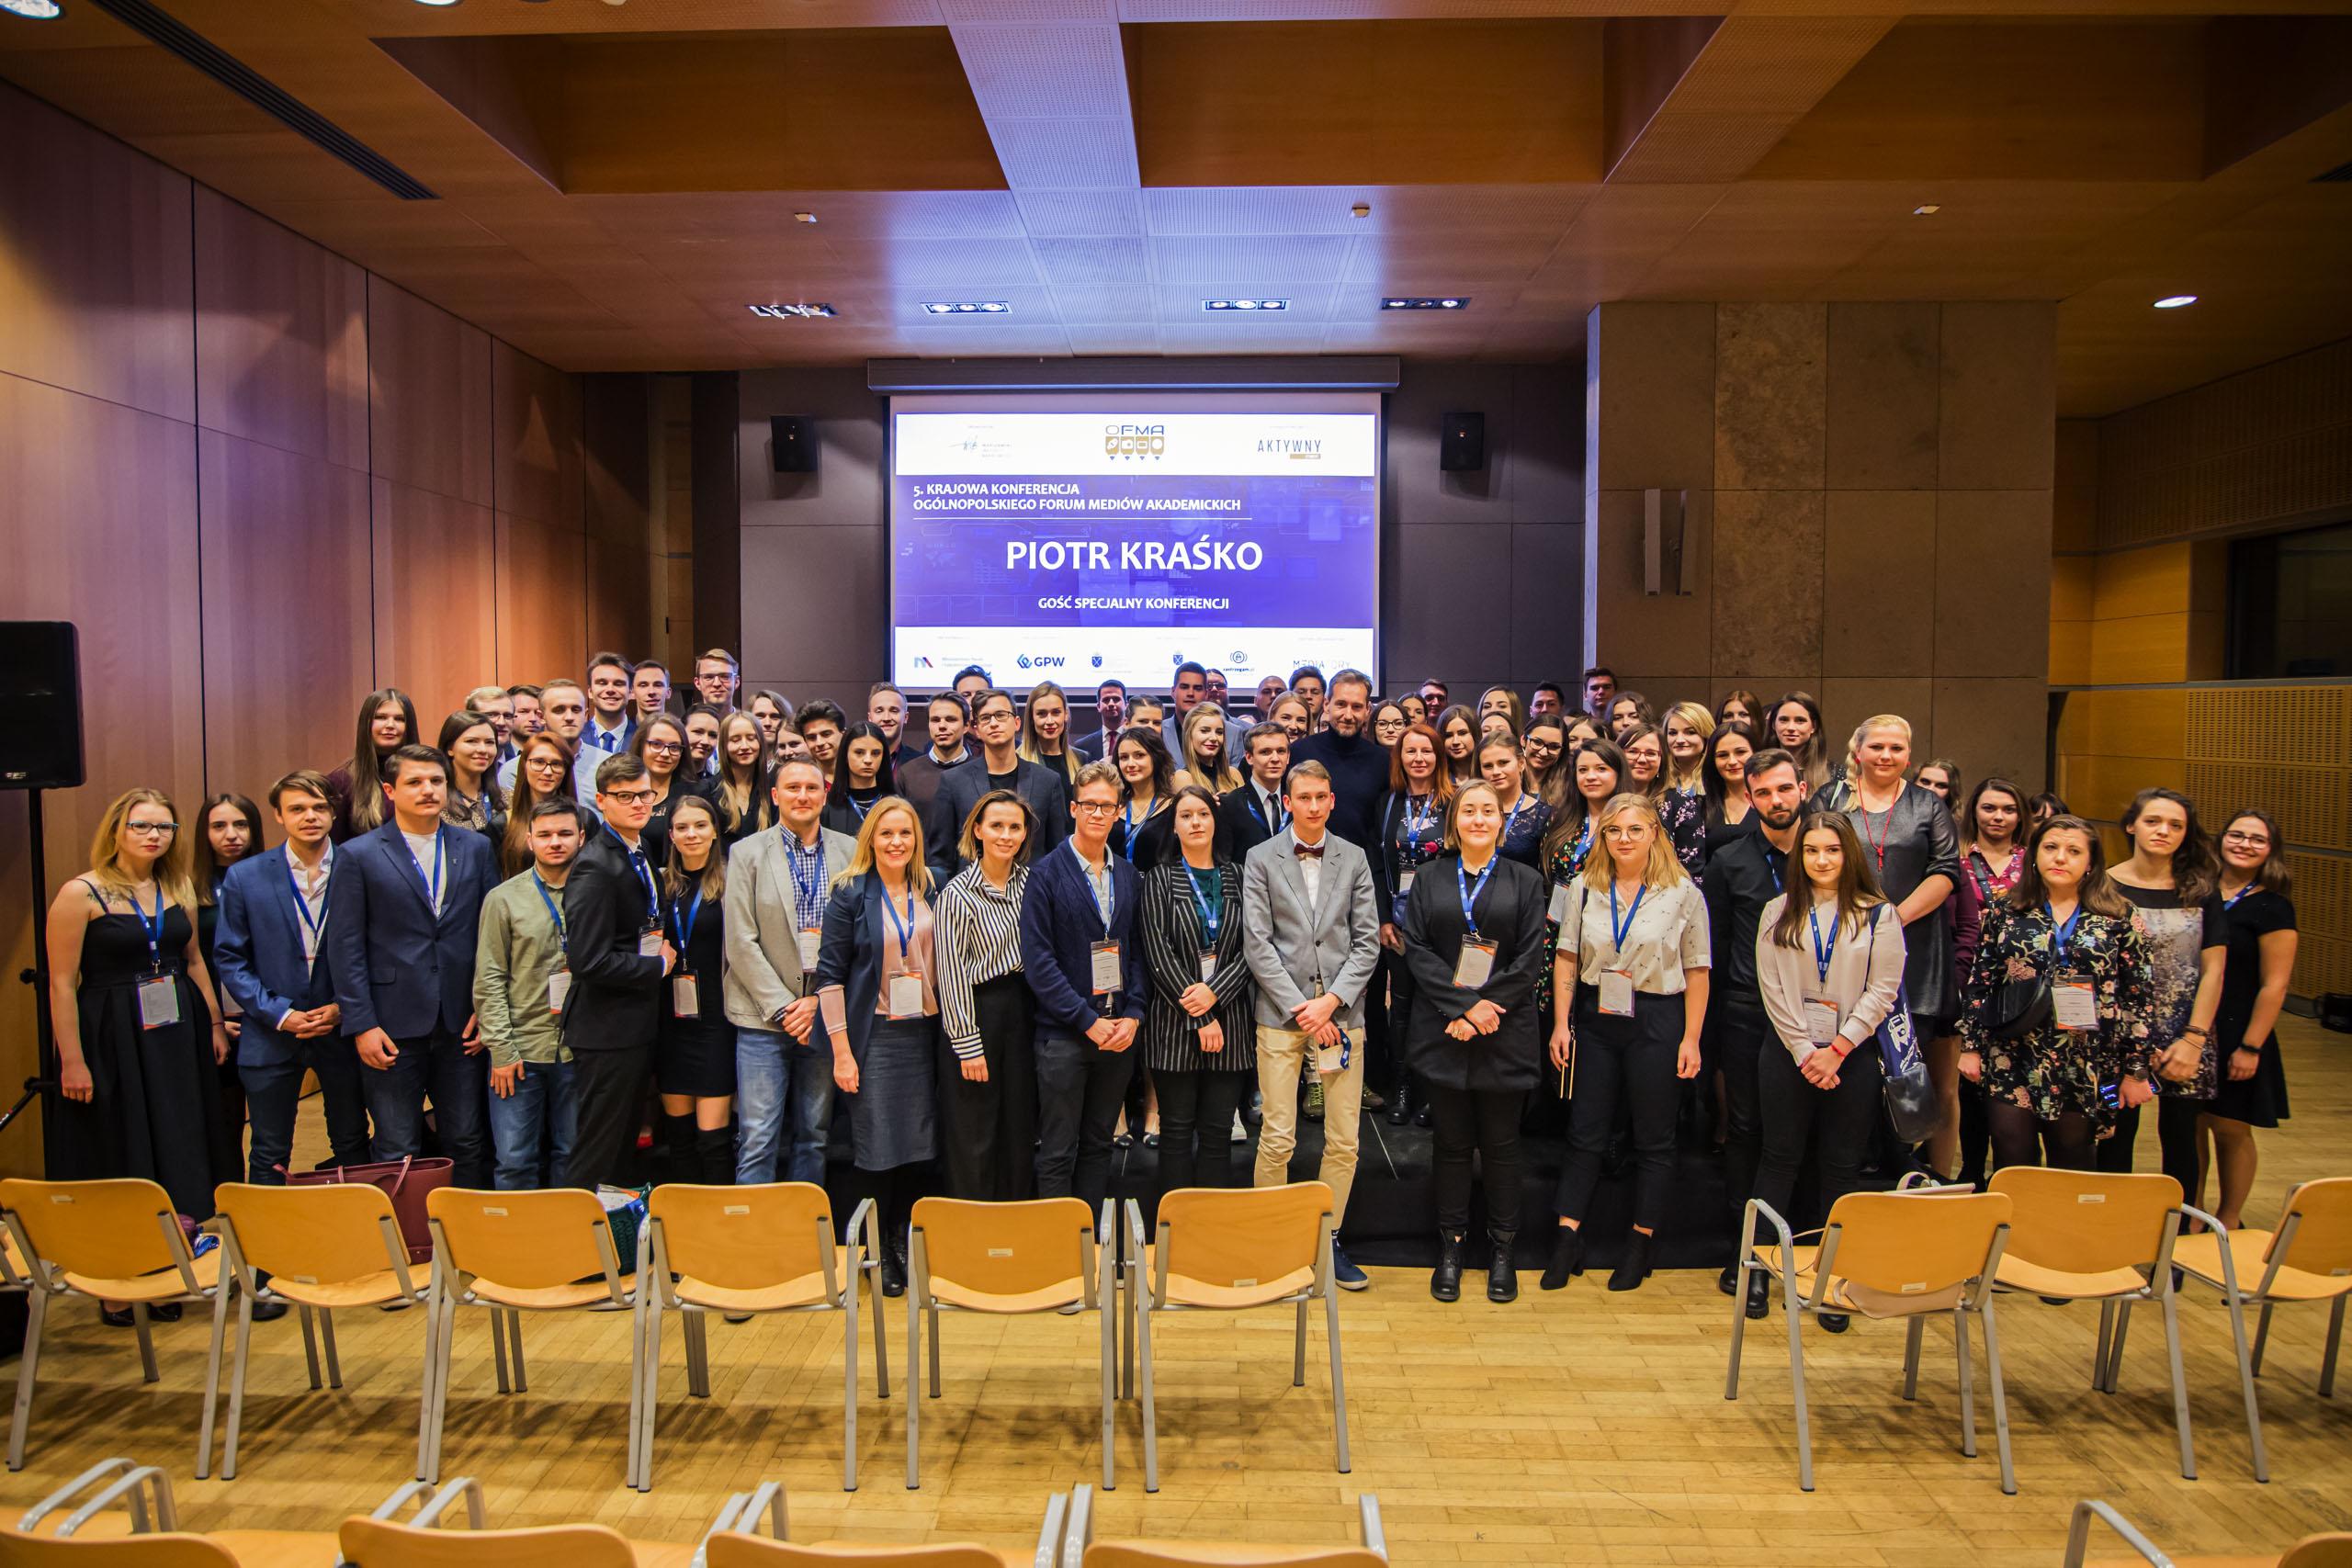 V Krajowa Konferencja Ogólnopolskiego Forum Mediów Akademickich